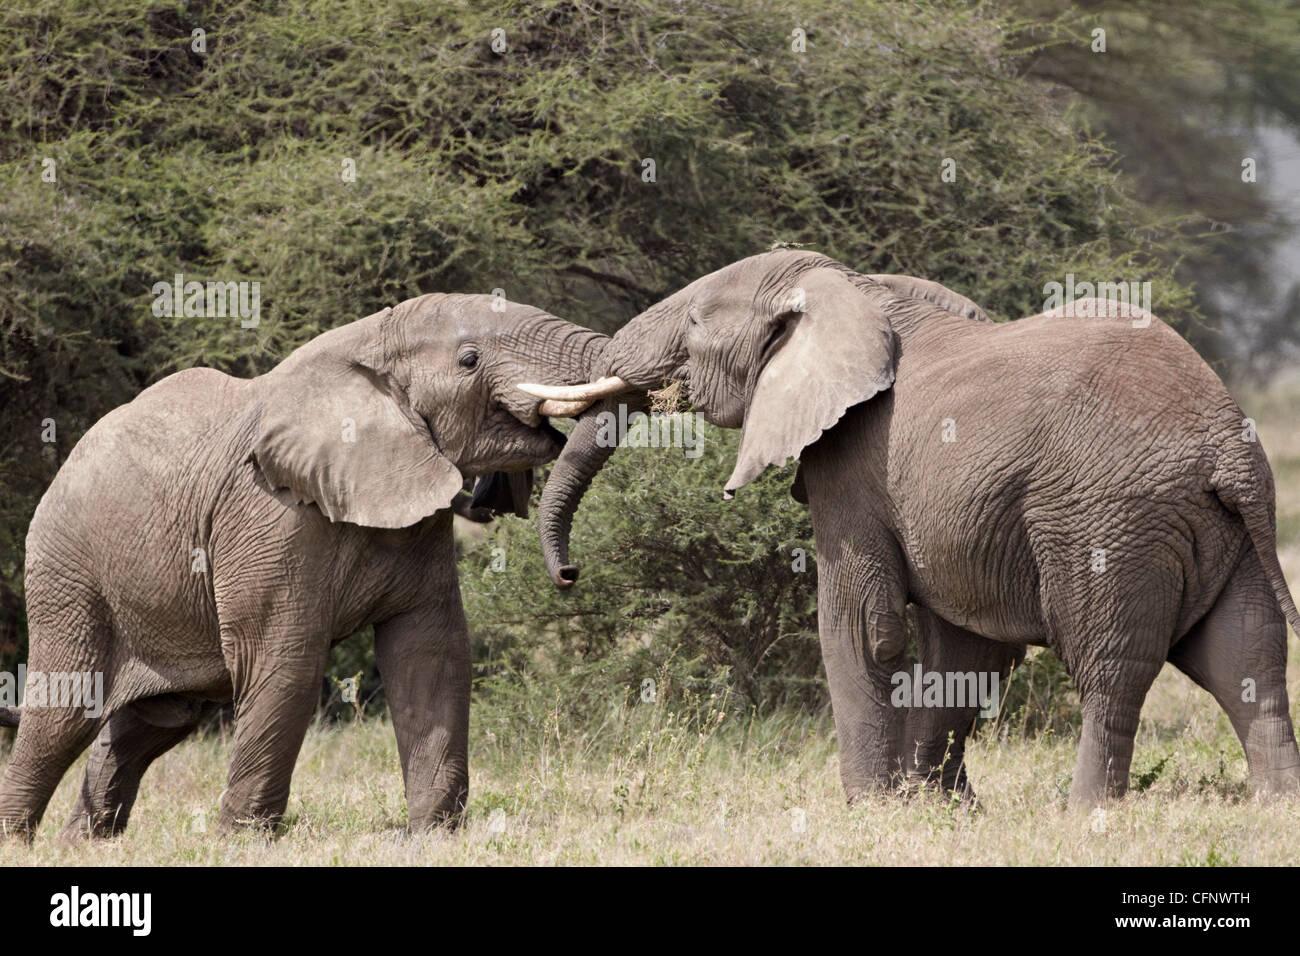 Deux African elephant (Loxodonta africana) sparring, Parc National de Serengeti, Tanzanie, Afrique orientale, Afrique du Sud Banque D'Images